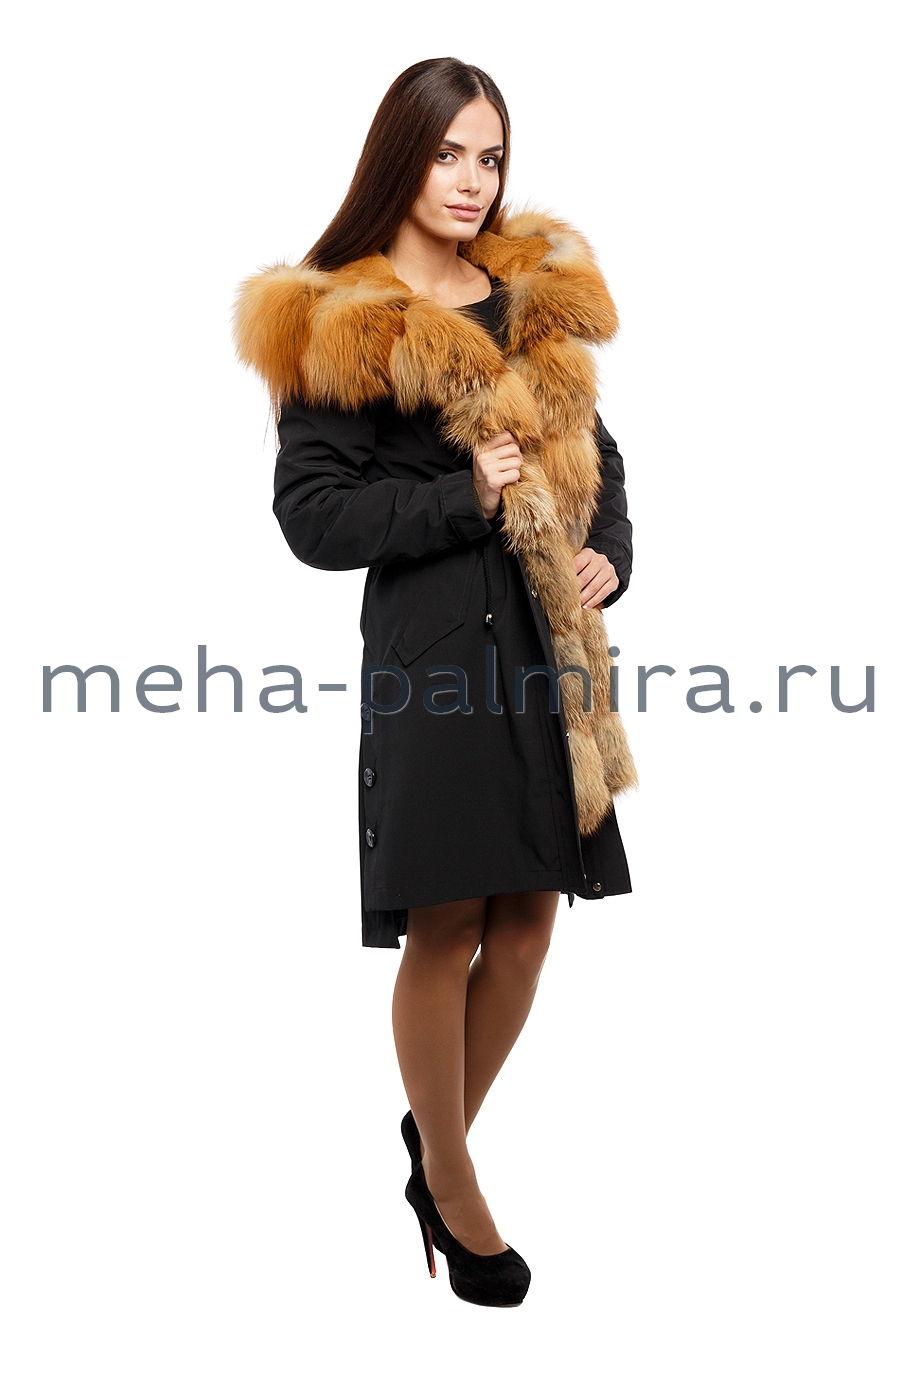 Меховая парка женская с мехом рыжей лисы